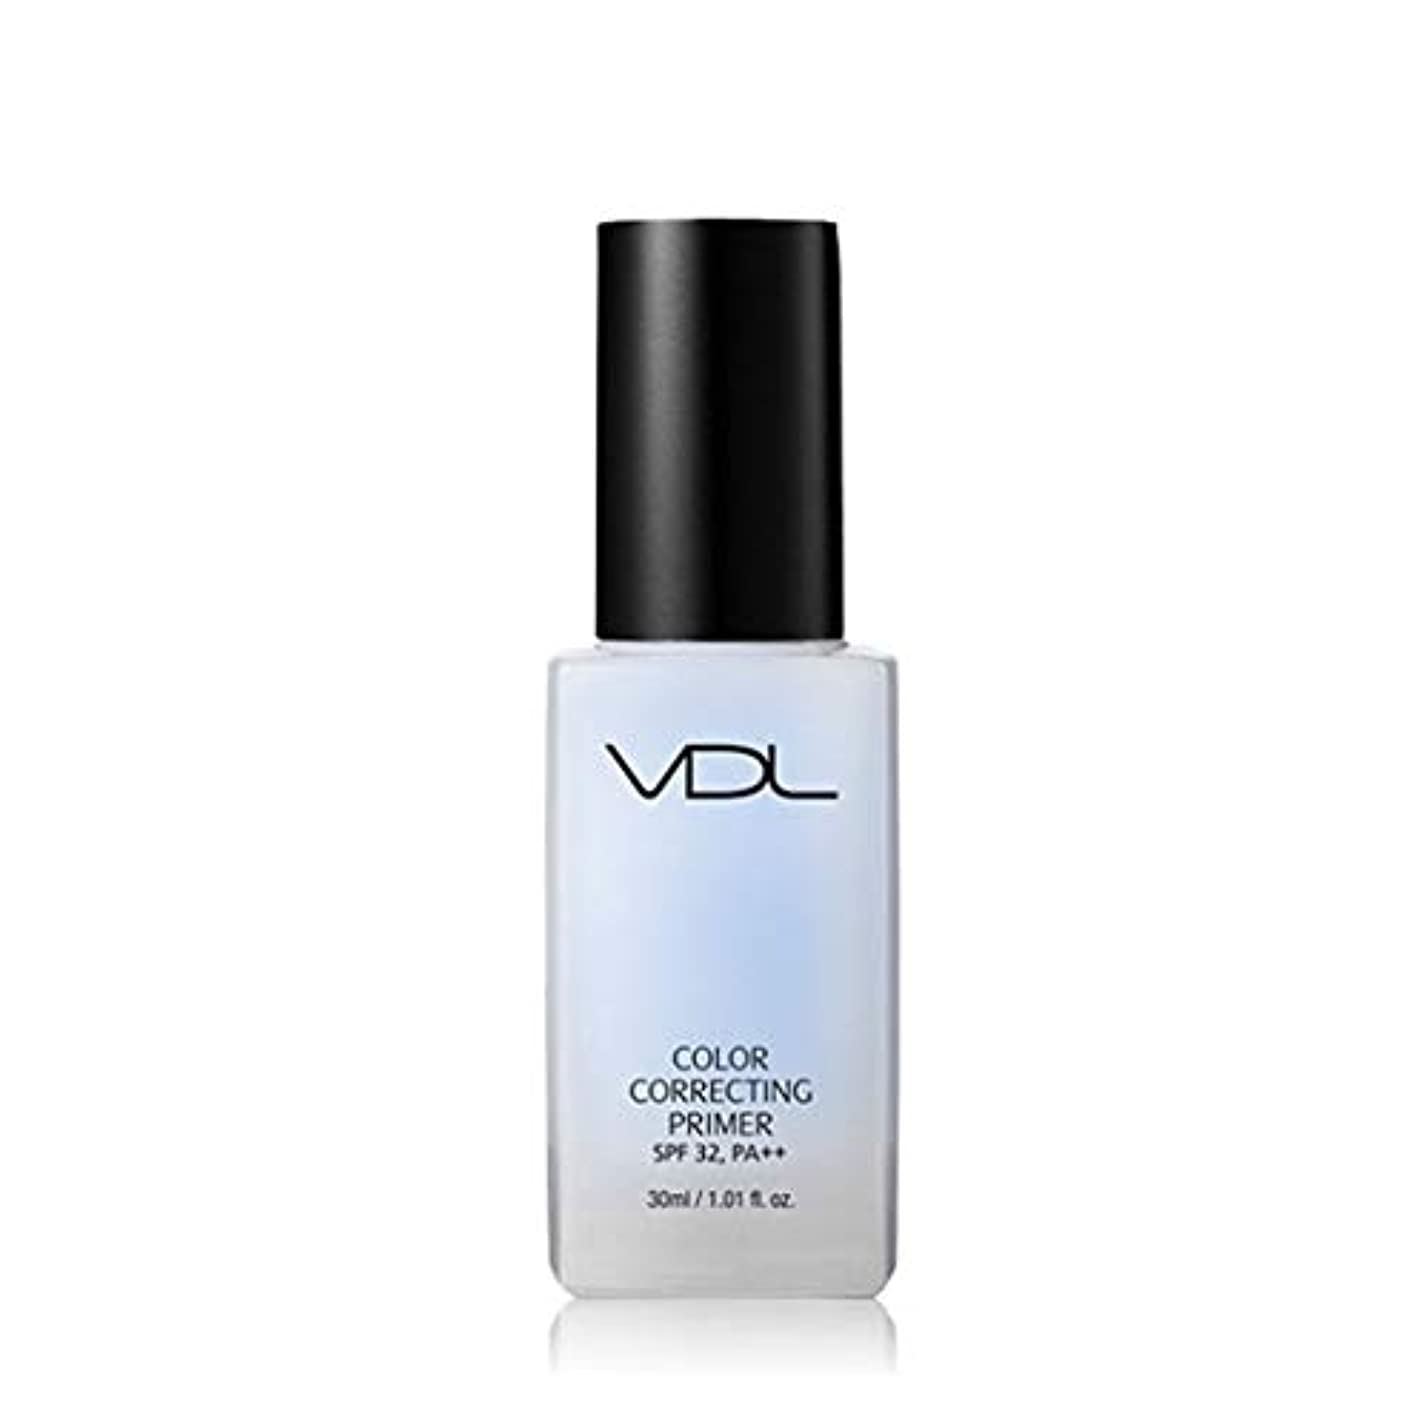 乳白色腹部縞模様のVDLカラーコレクティンプライマー30ml 3カラーメイクアップベース、VDL Color Correcting Primer 30ml 3-Colors Make-up Base [並行輸入品] (Serenity)